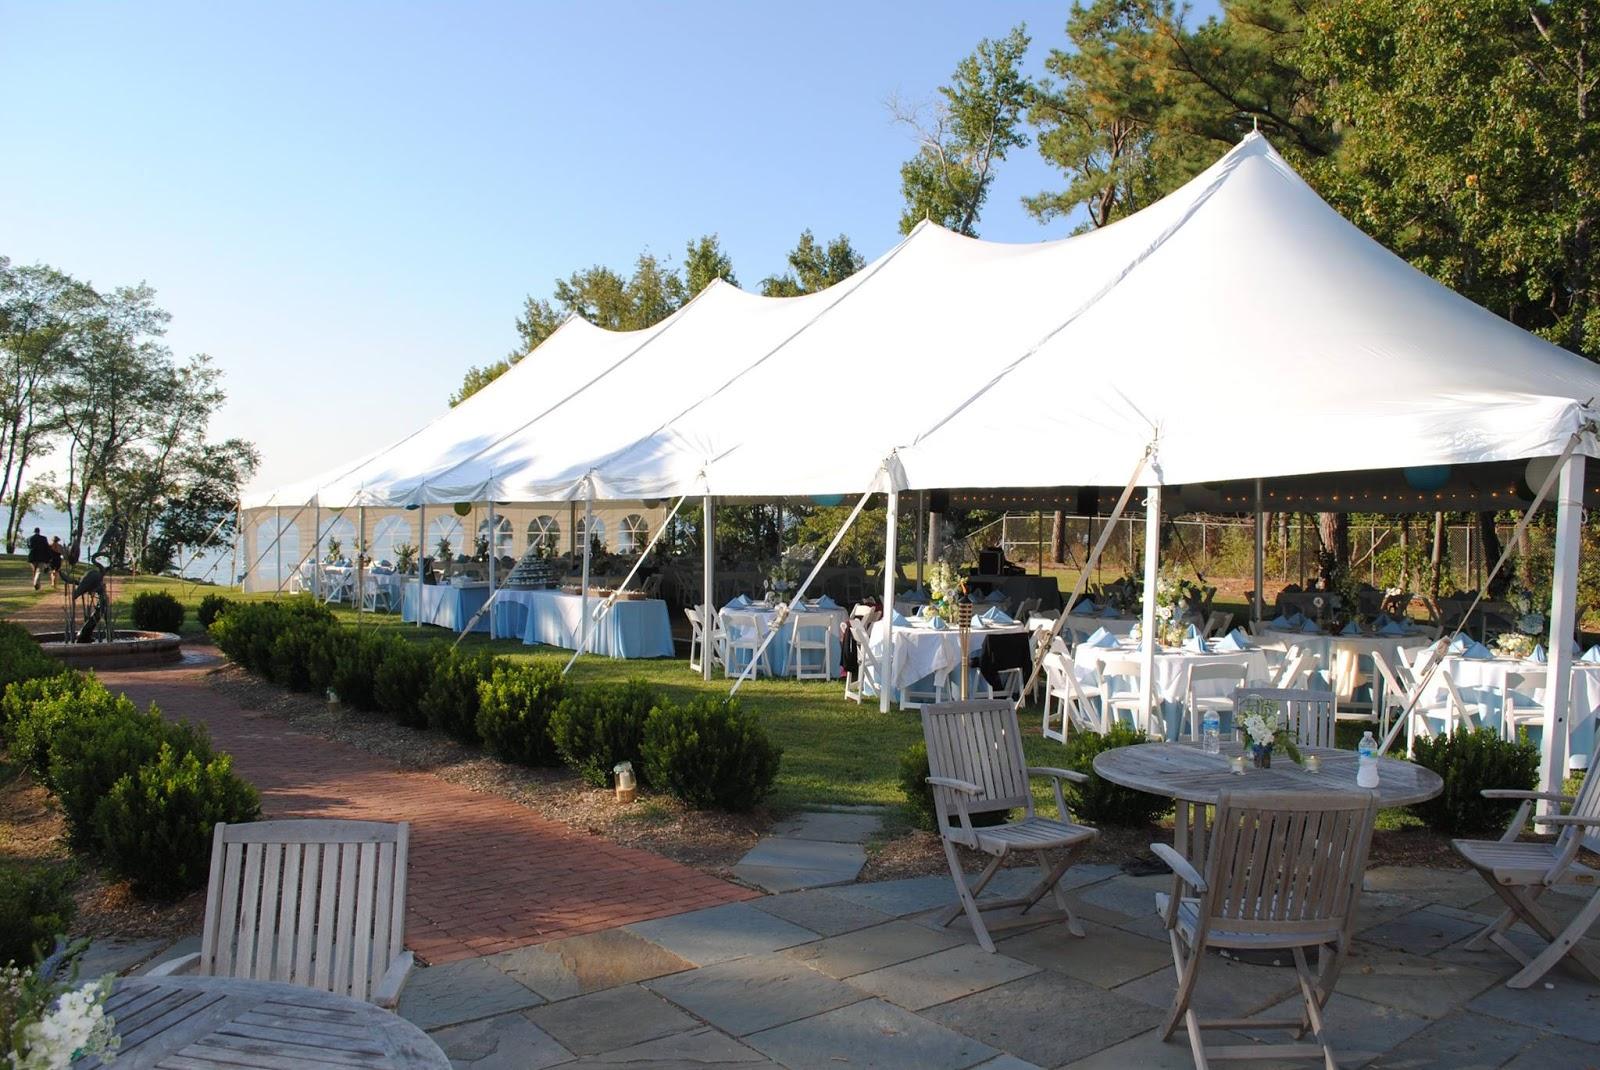 tented wedding at Matapeake Beach. Photo via MatapeakeCatering.com